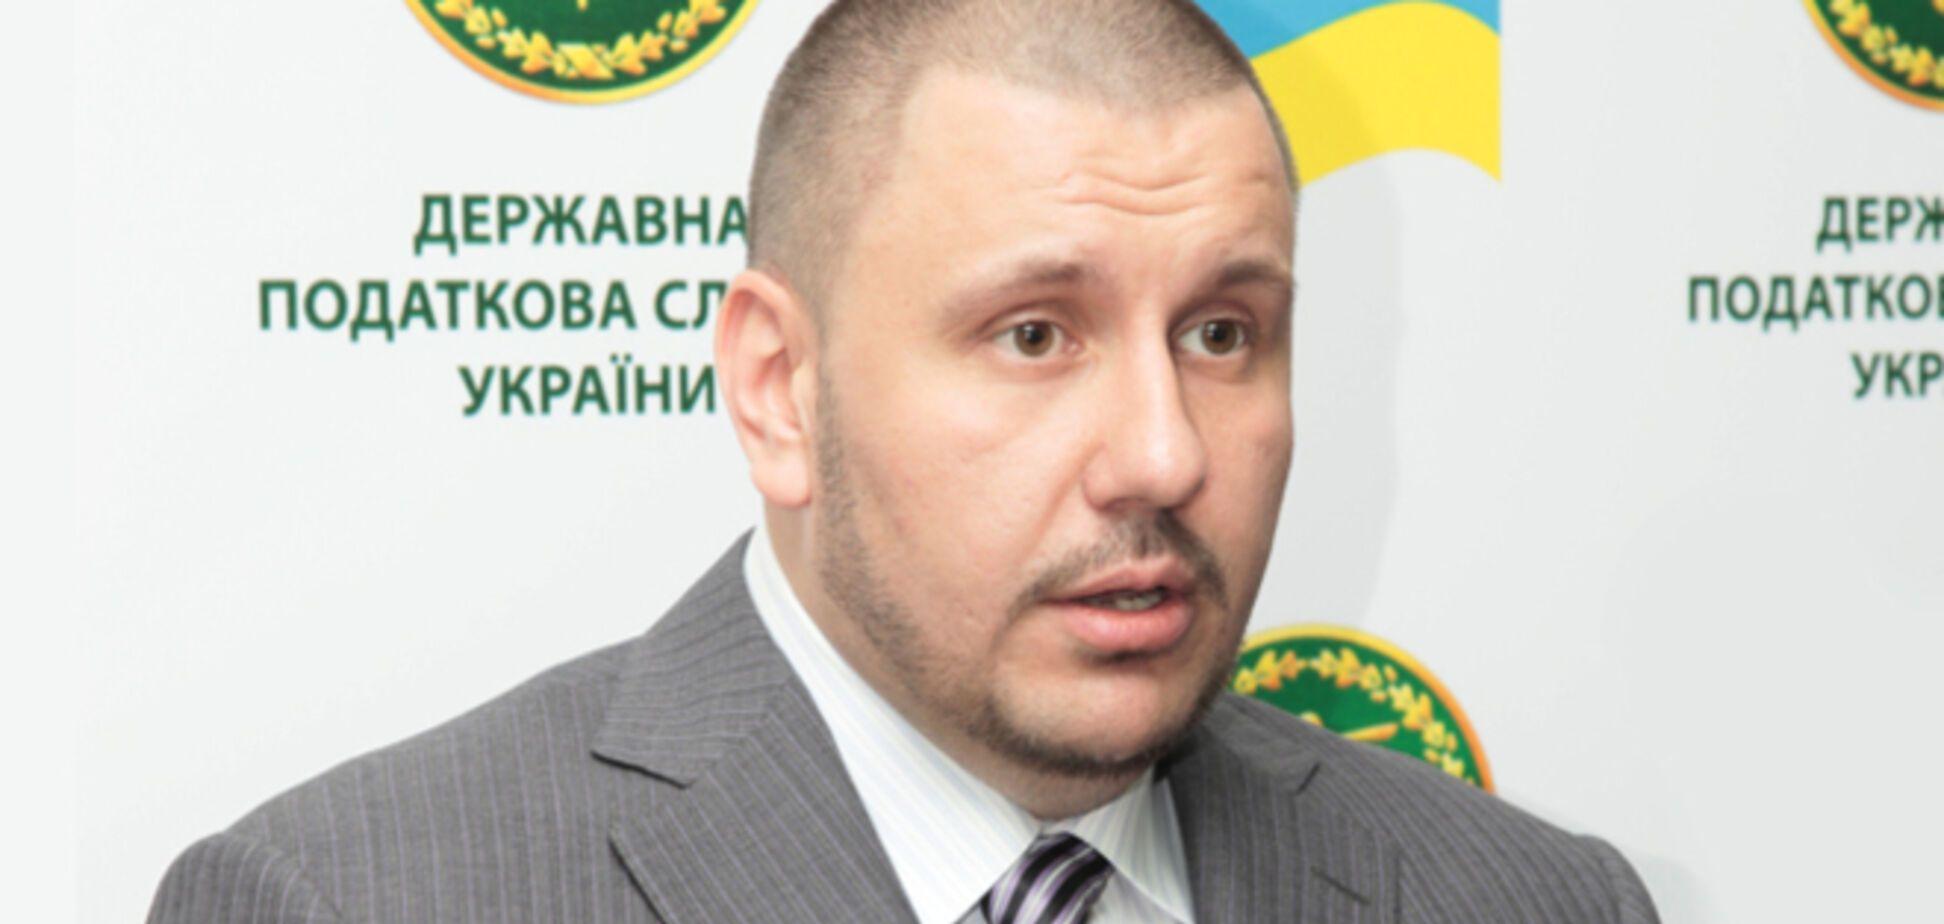 Клименко завдав більше шести мрлд грн збитків держбюджету - ГПУ